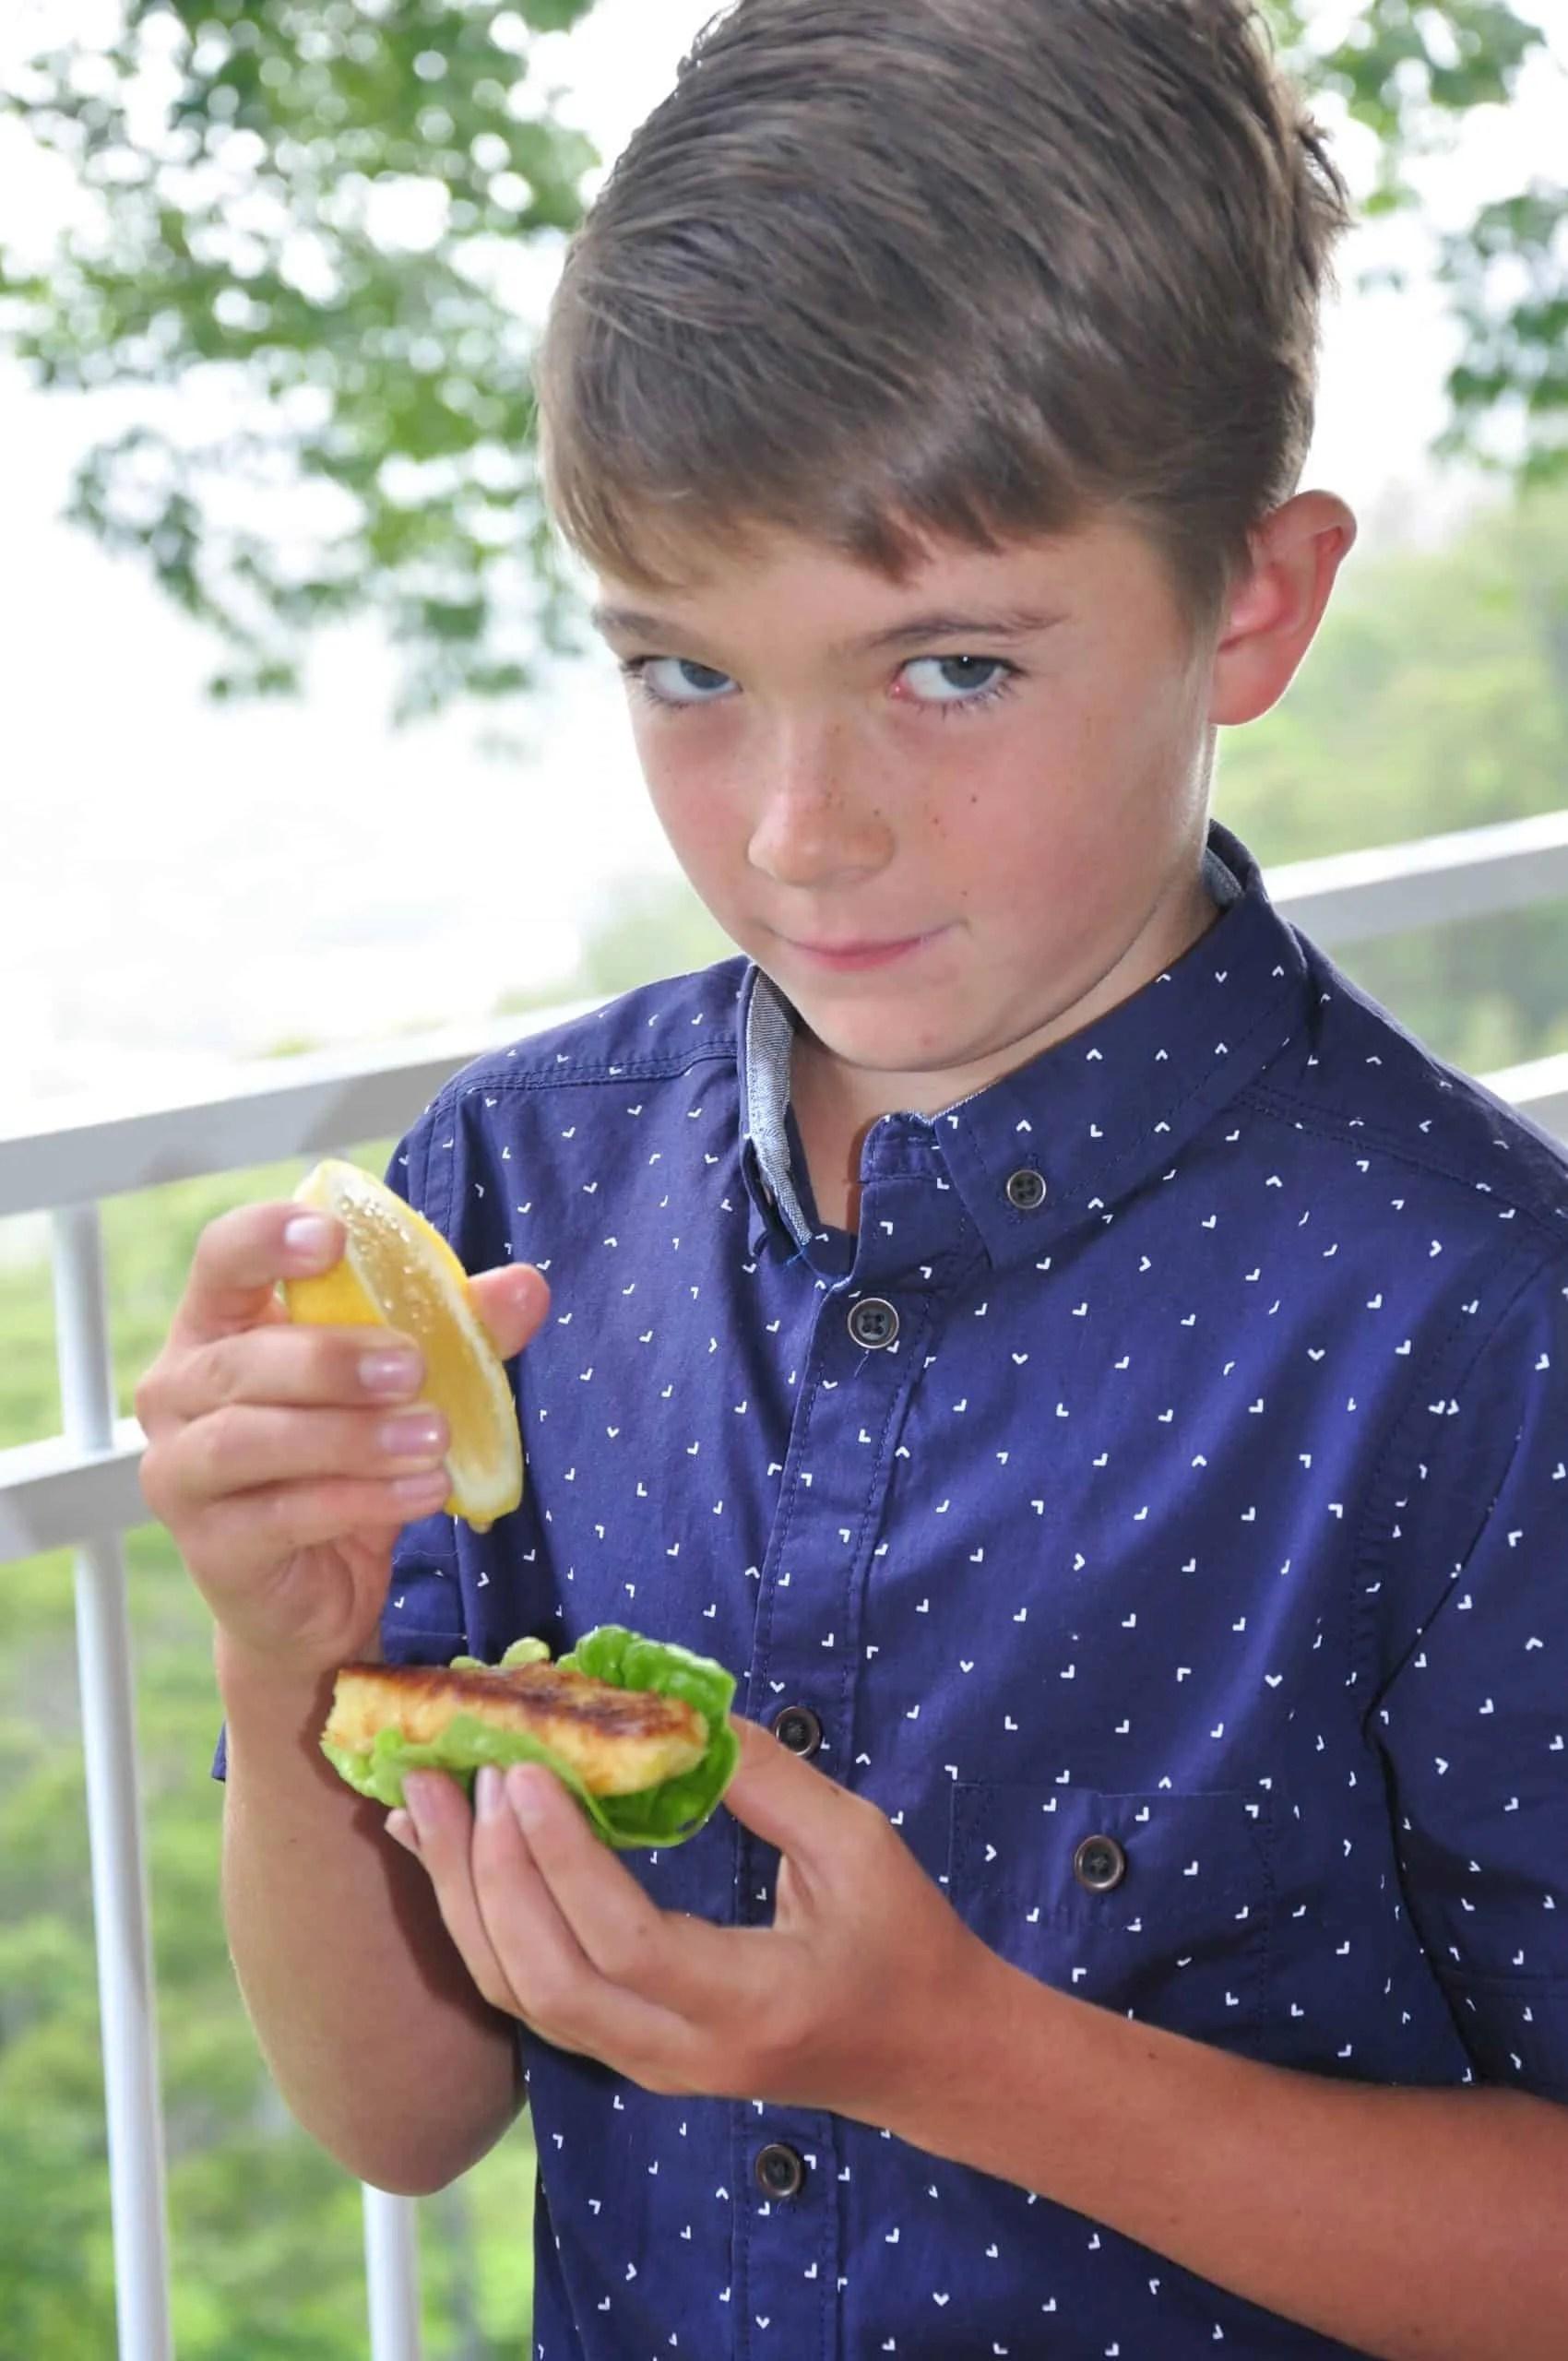 Ollie on verandah holding cos lettuce leaf with haloumi fries